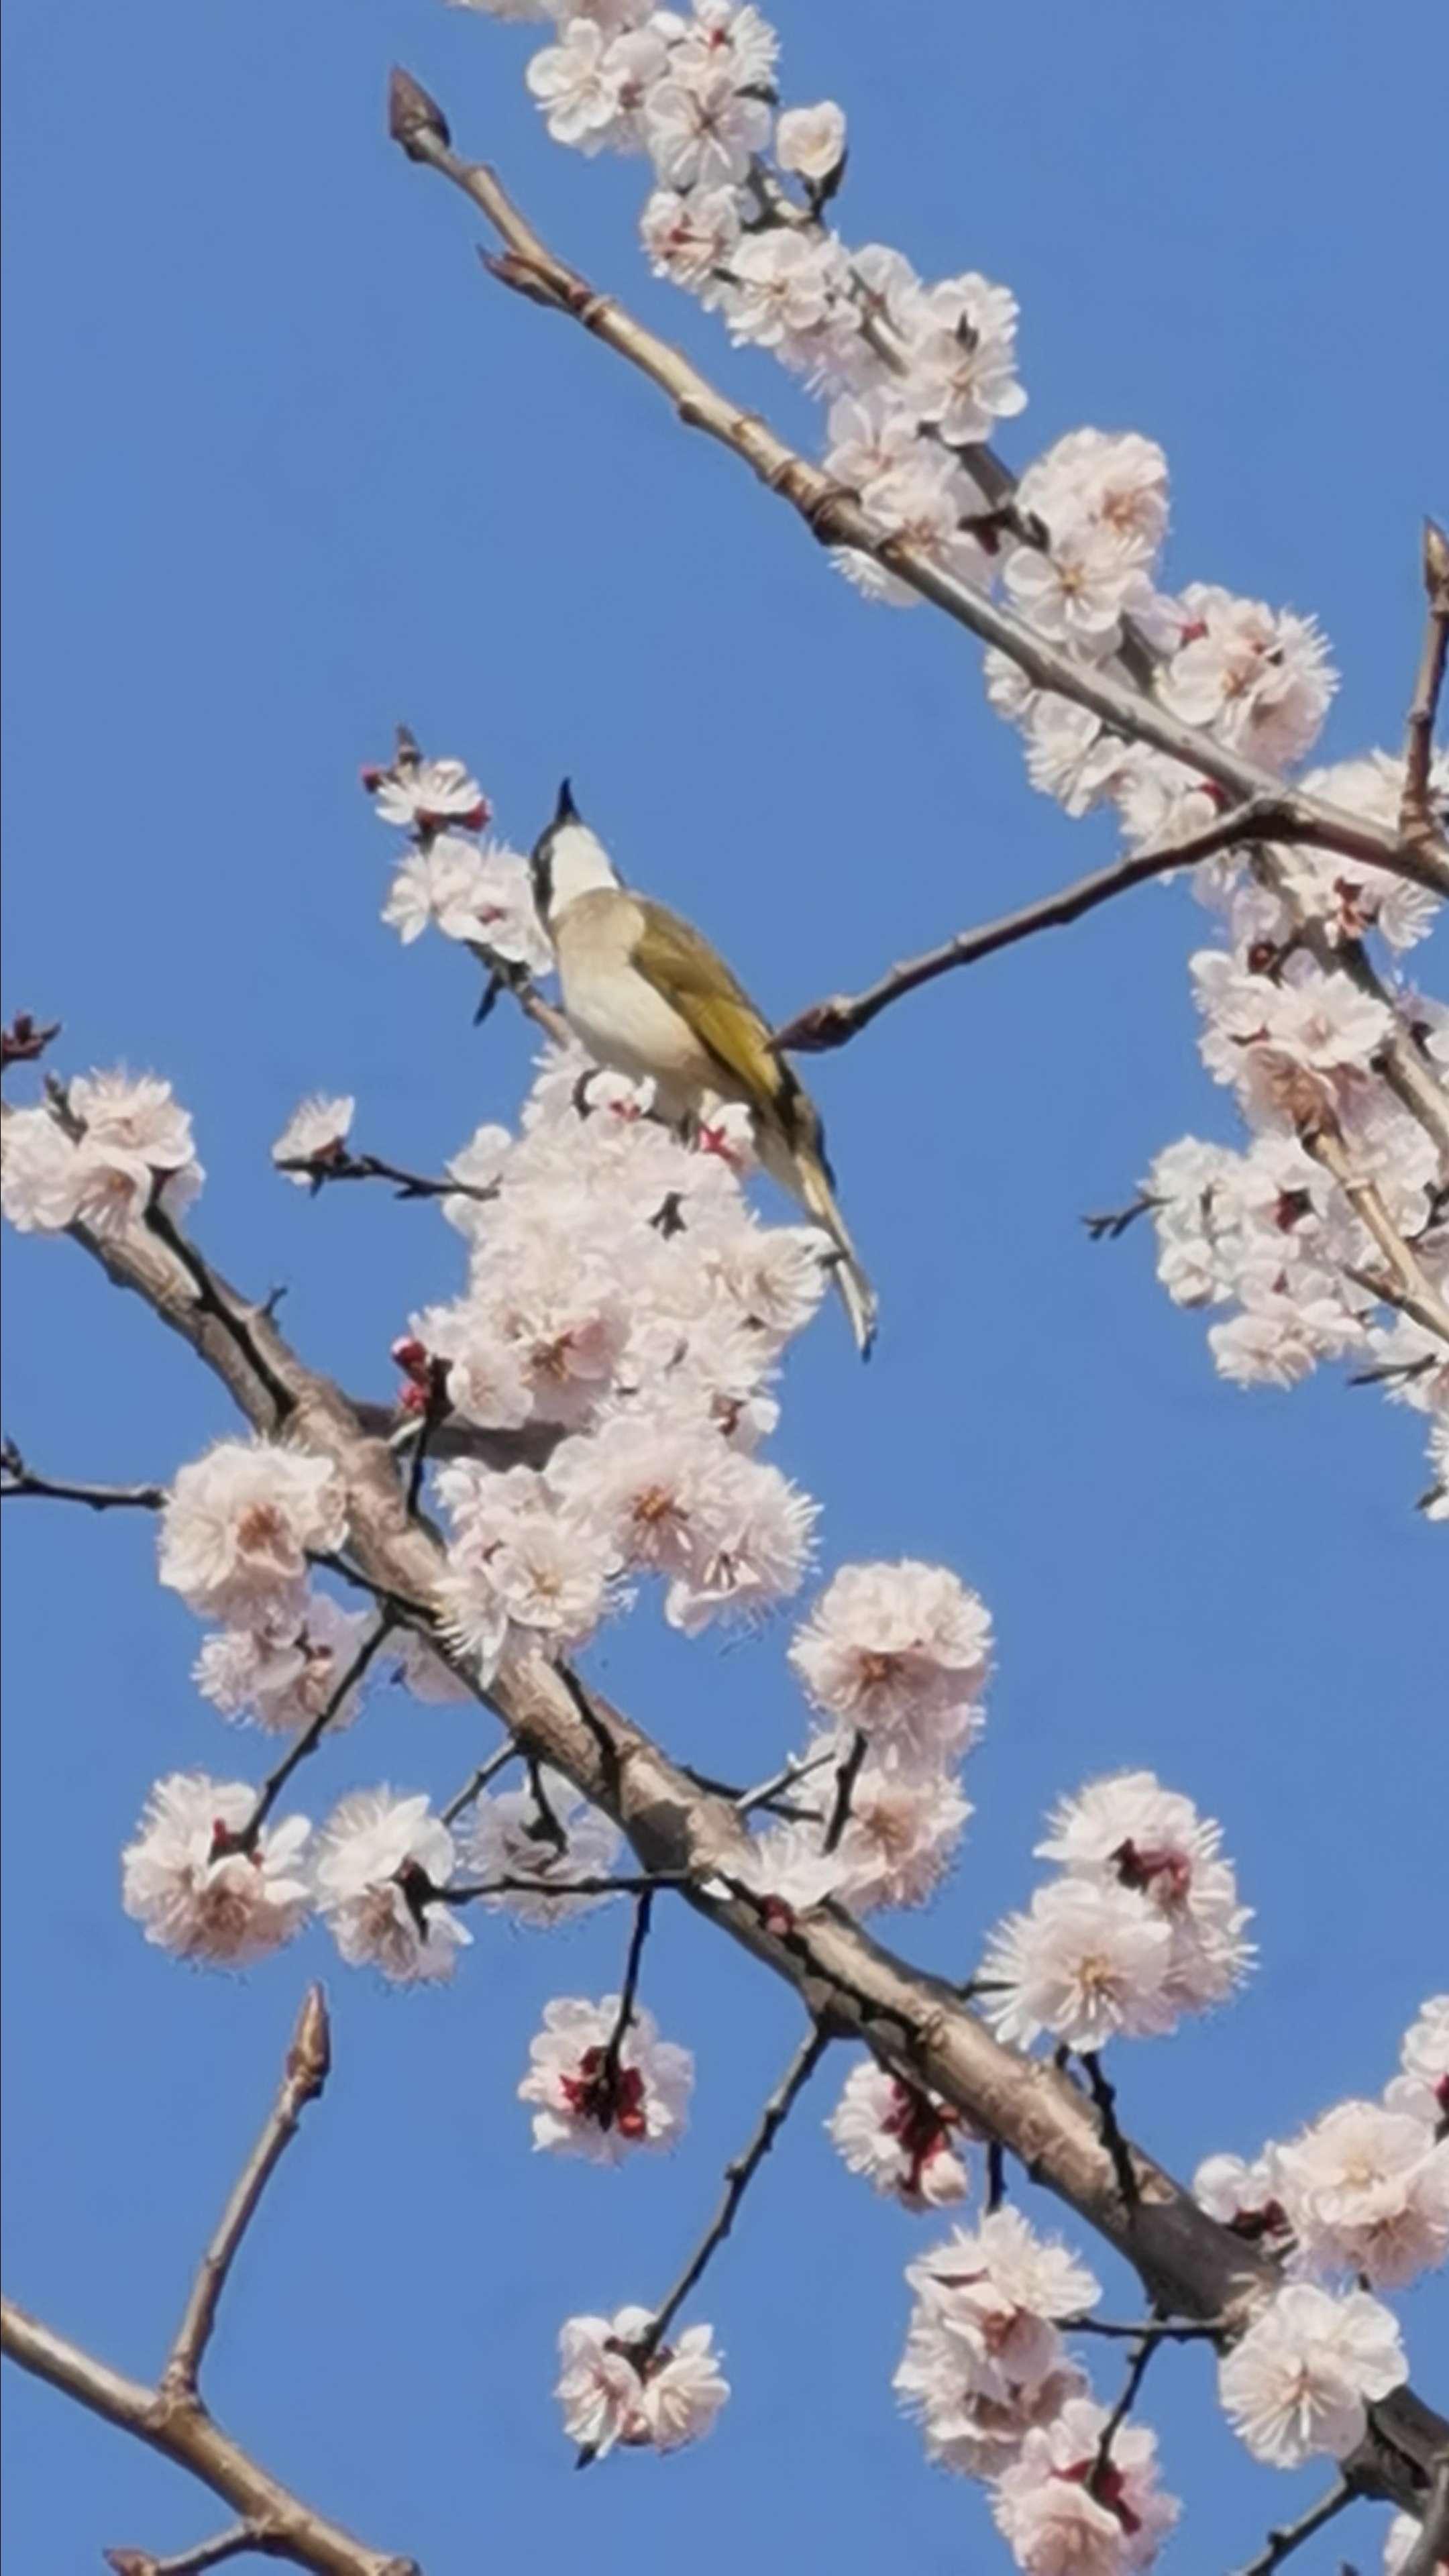 鸟语花香,华为P40系列-花粉俱乐部